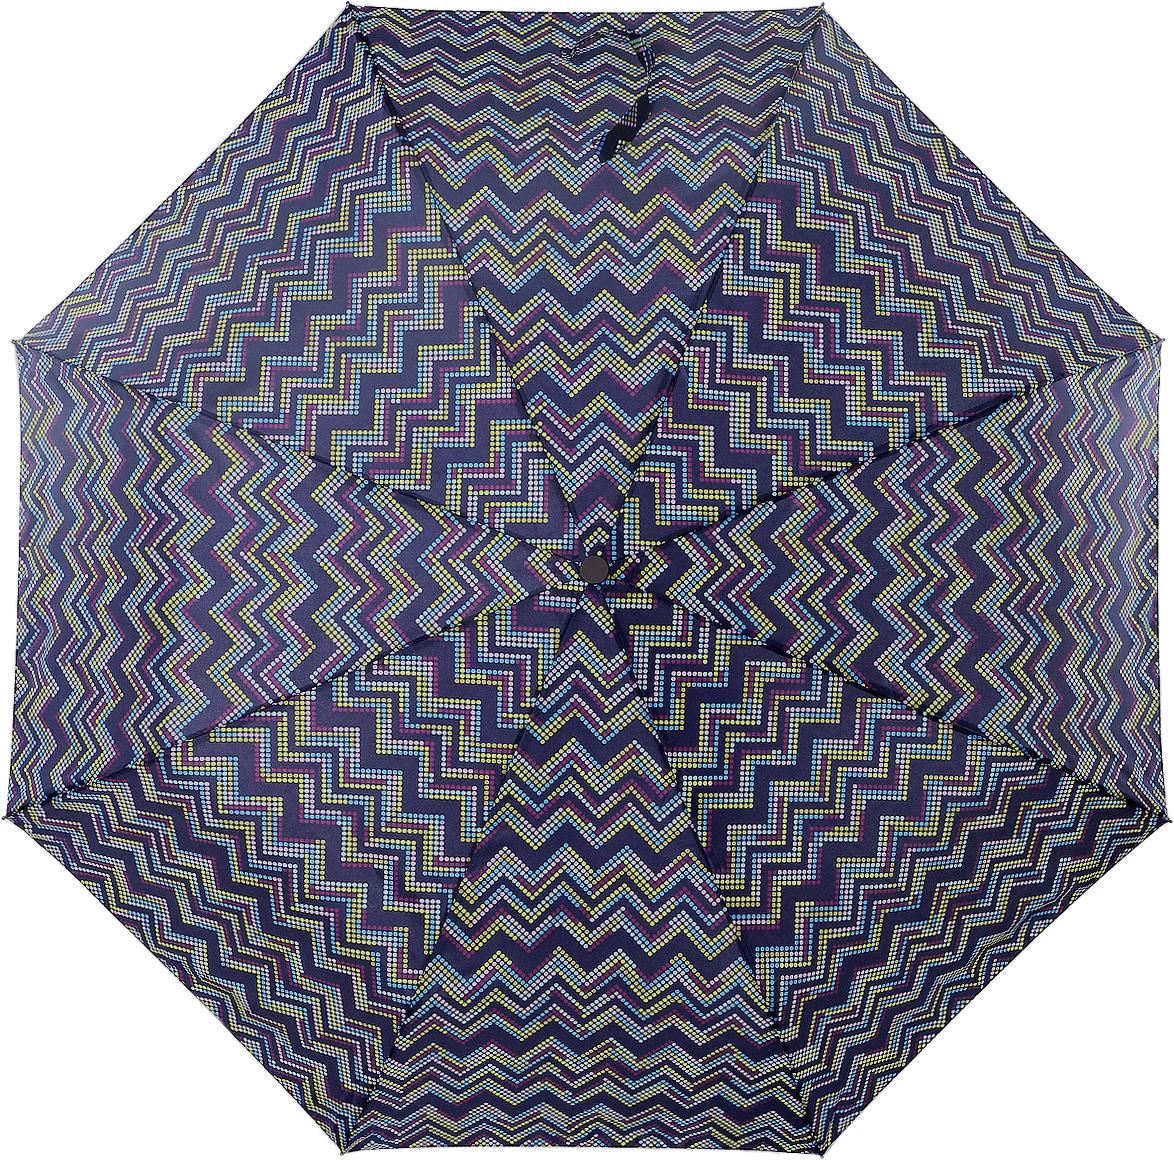 Зонт женский Artrain, механический, 3 сложения, цвет: темно-фиолетовый, темно-синий. 3515-4363Серьги с подвескамиКлассический женский зонт Artrain в 3 сложения, с механической системой открытия и закрытия, даже в ненастную погоду позволит вам оставаться стильной и элегантной. Удобная ручка выполнена из пластика. Купол зонта изготовлен из прочного полиэстера. Модель зонта выполнена в стандартном размере, оснащена системой антиветер. На рукоятке для удобства есть небольшой шнурок, позволяющий надеть зонт на руку тогда, когда это будет необходимо. К зонту прилагается чехол.Этот стильный аксессуар поместится практически в любую женскую сумочку благодаря своим небольшим размерам.